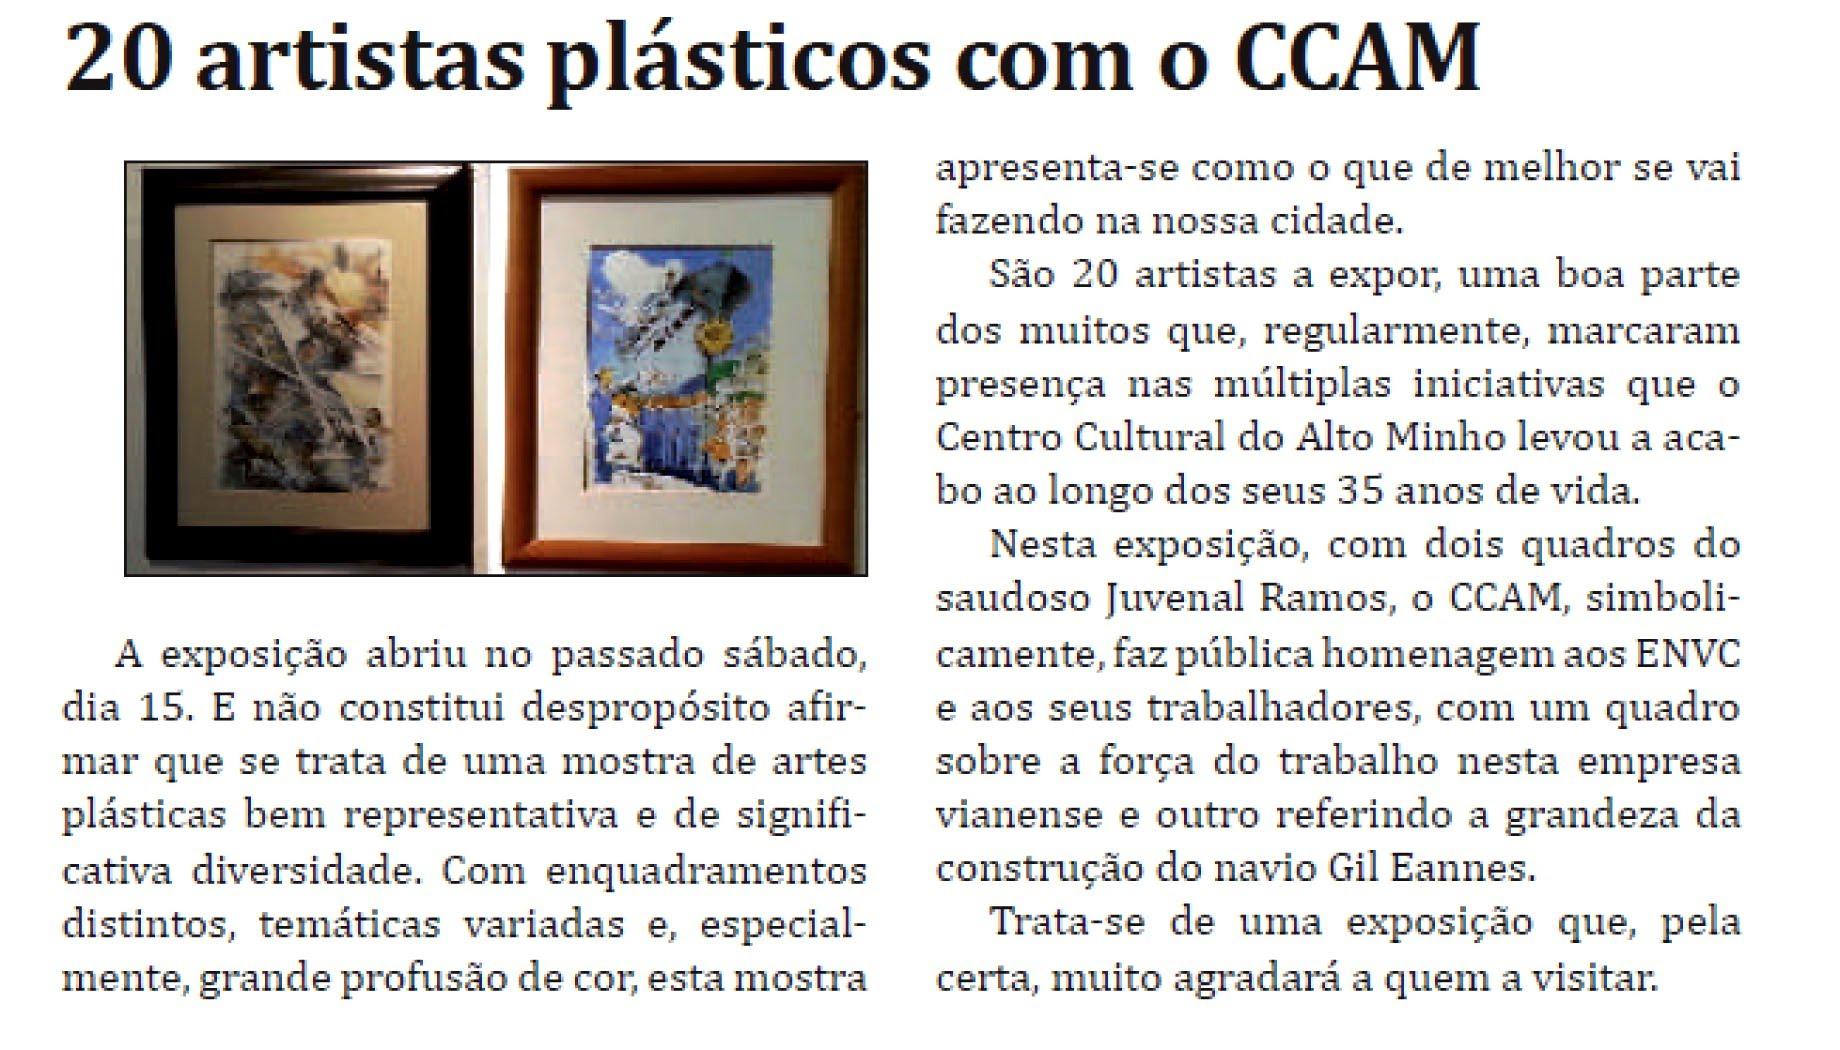 https://sites.google.com/a/centroculturaldoaltominho.org/ccam/actividades-realizadas/2014/EXp_35AnosCCAM.jpg